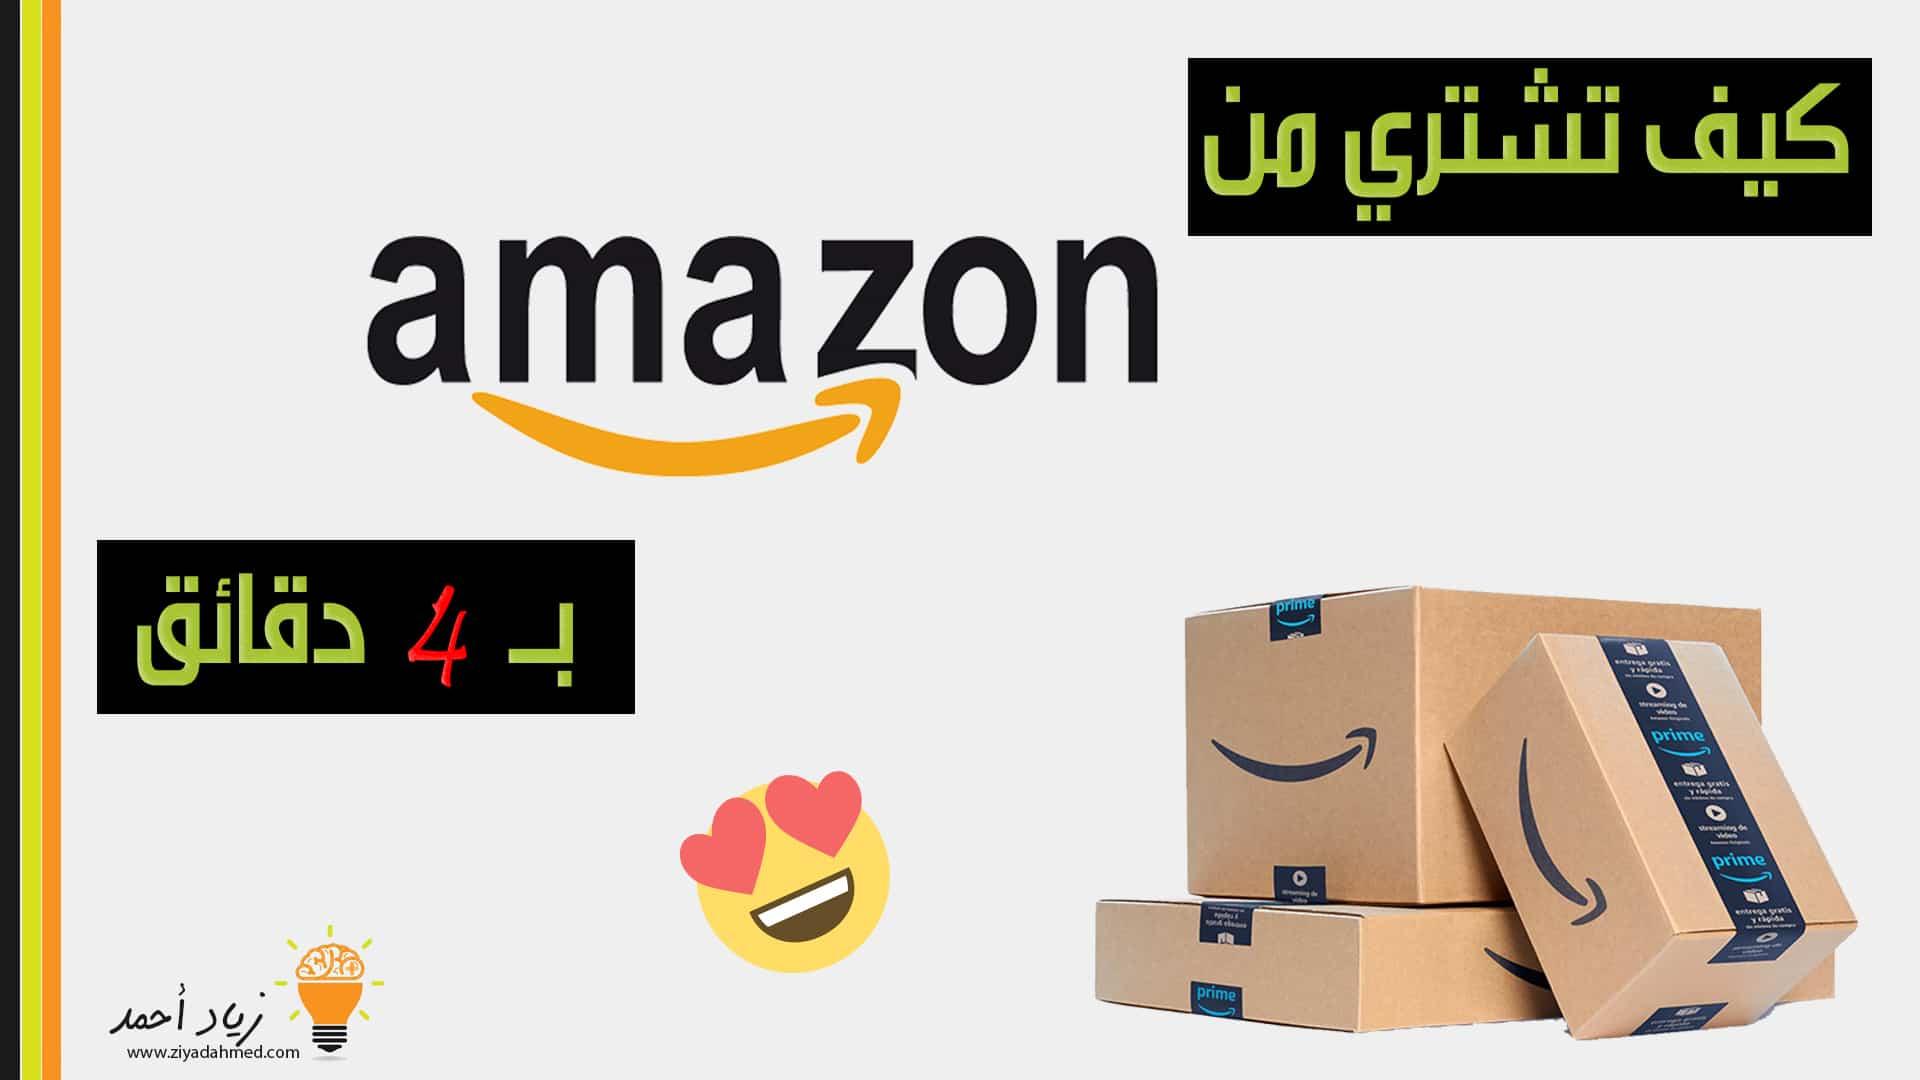 كيف تشتري من امازون مع ذكر المميزات و العيوب عند الشراء من amazon